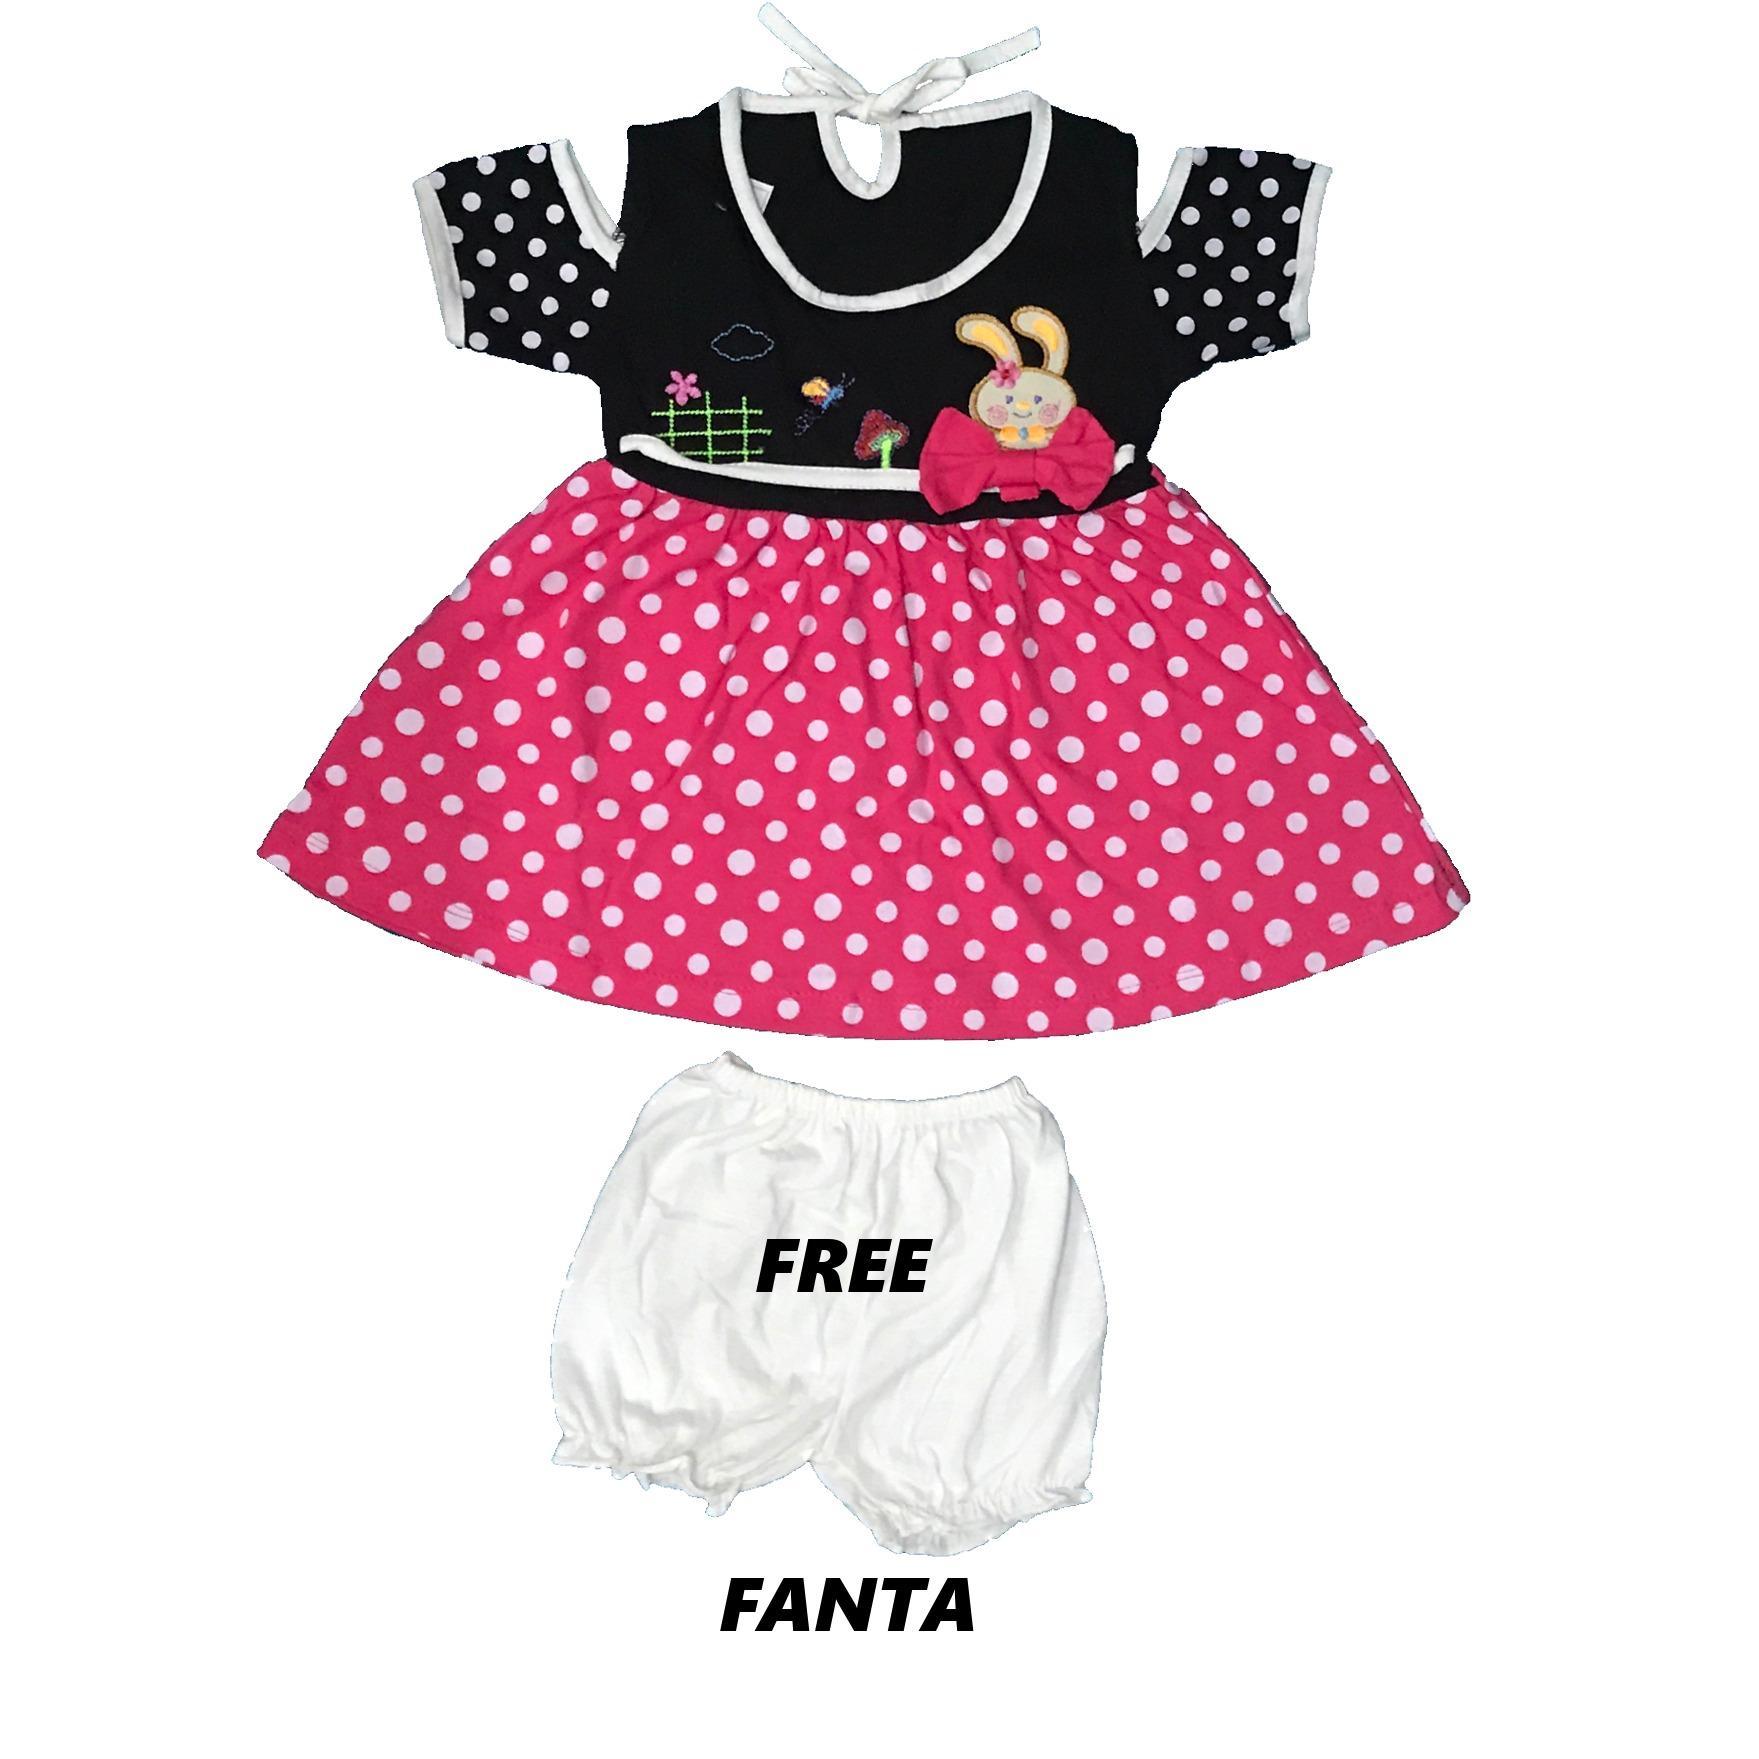 BAYIe - Setelan Baju Bayi Dress Perempuan motif RABBIT YUNISA / Pakaian anak cewek umur 1 - 2 tahun